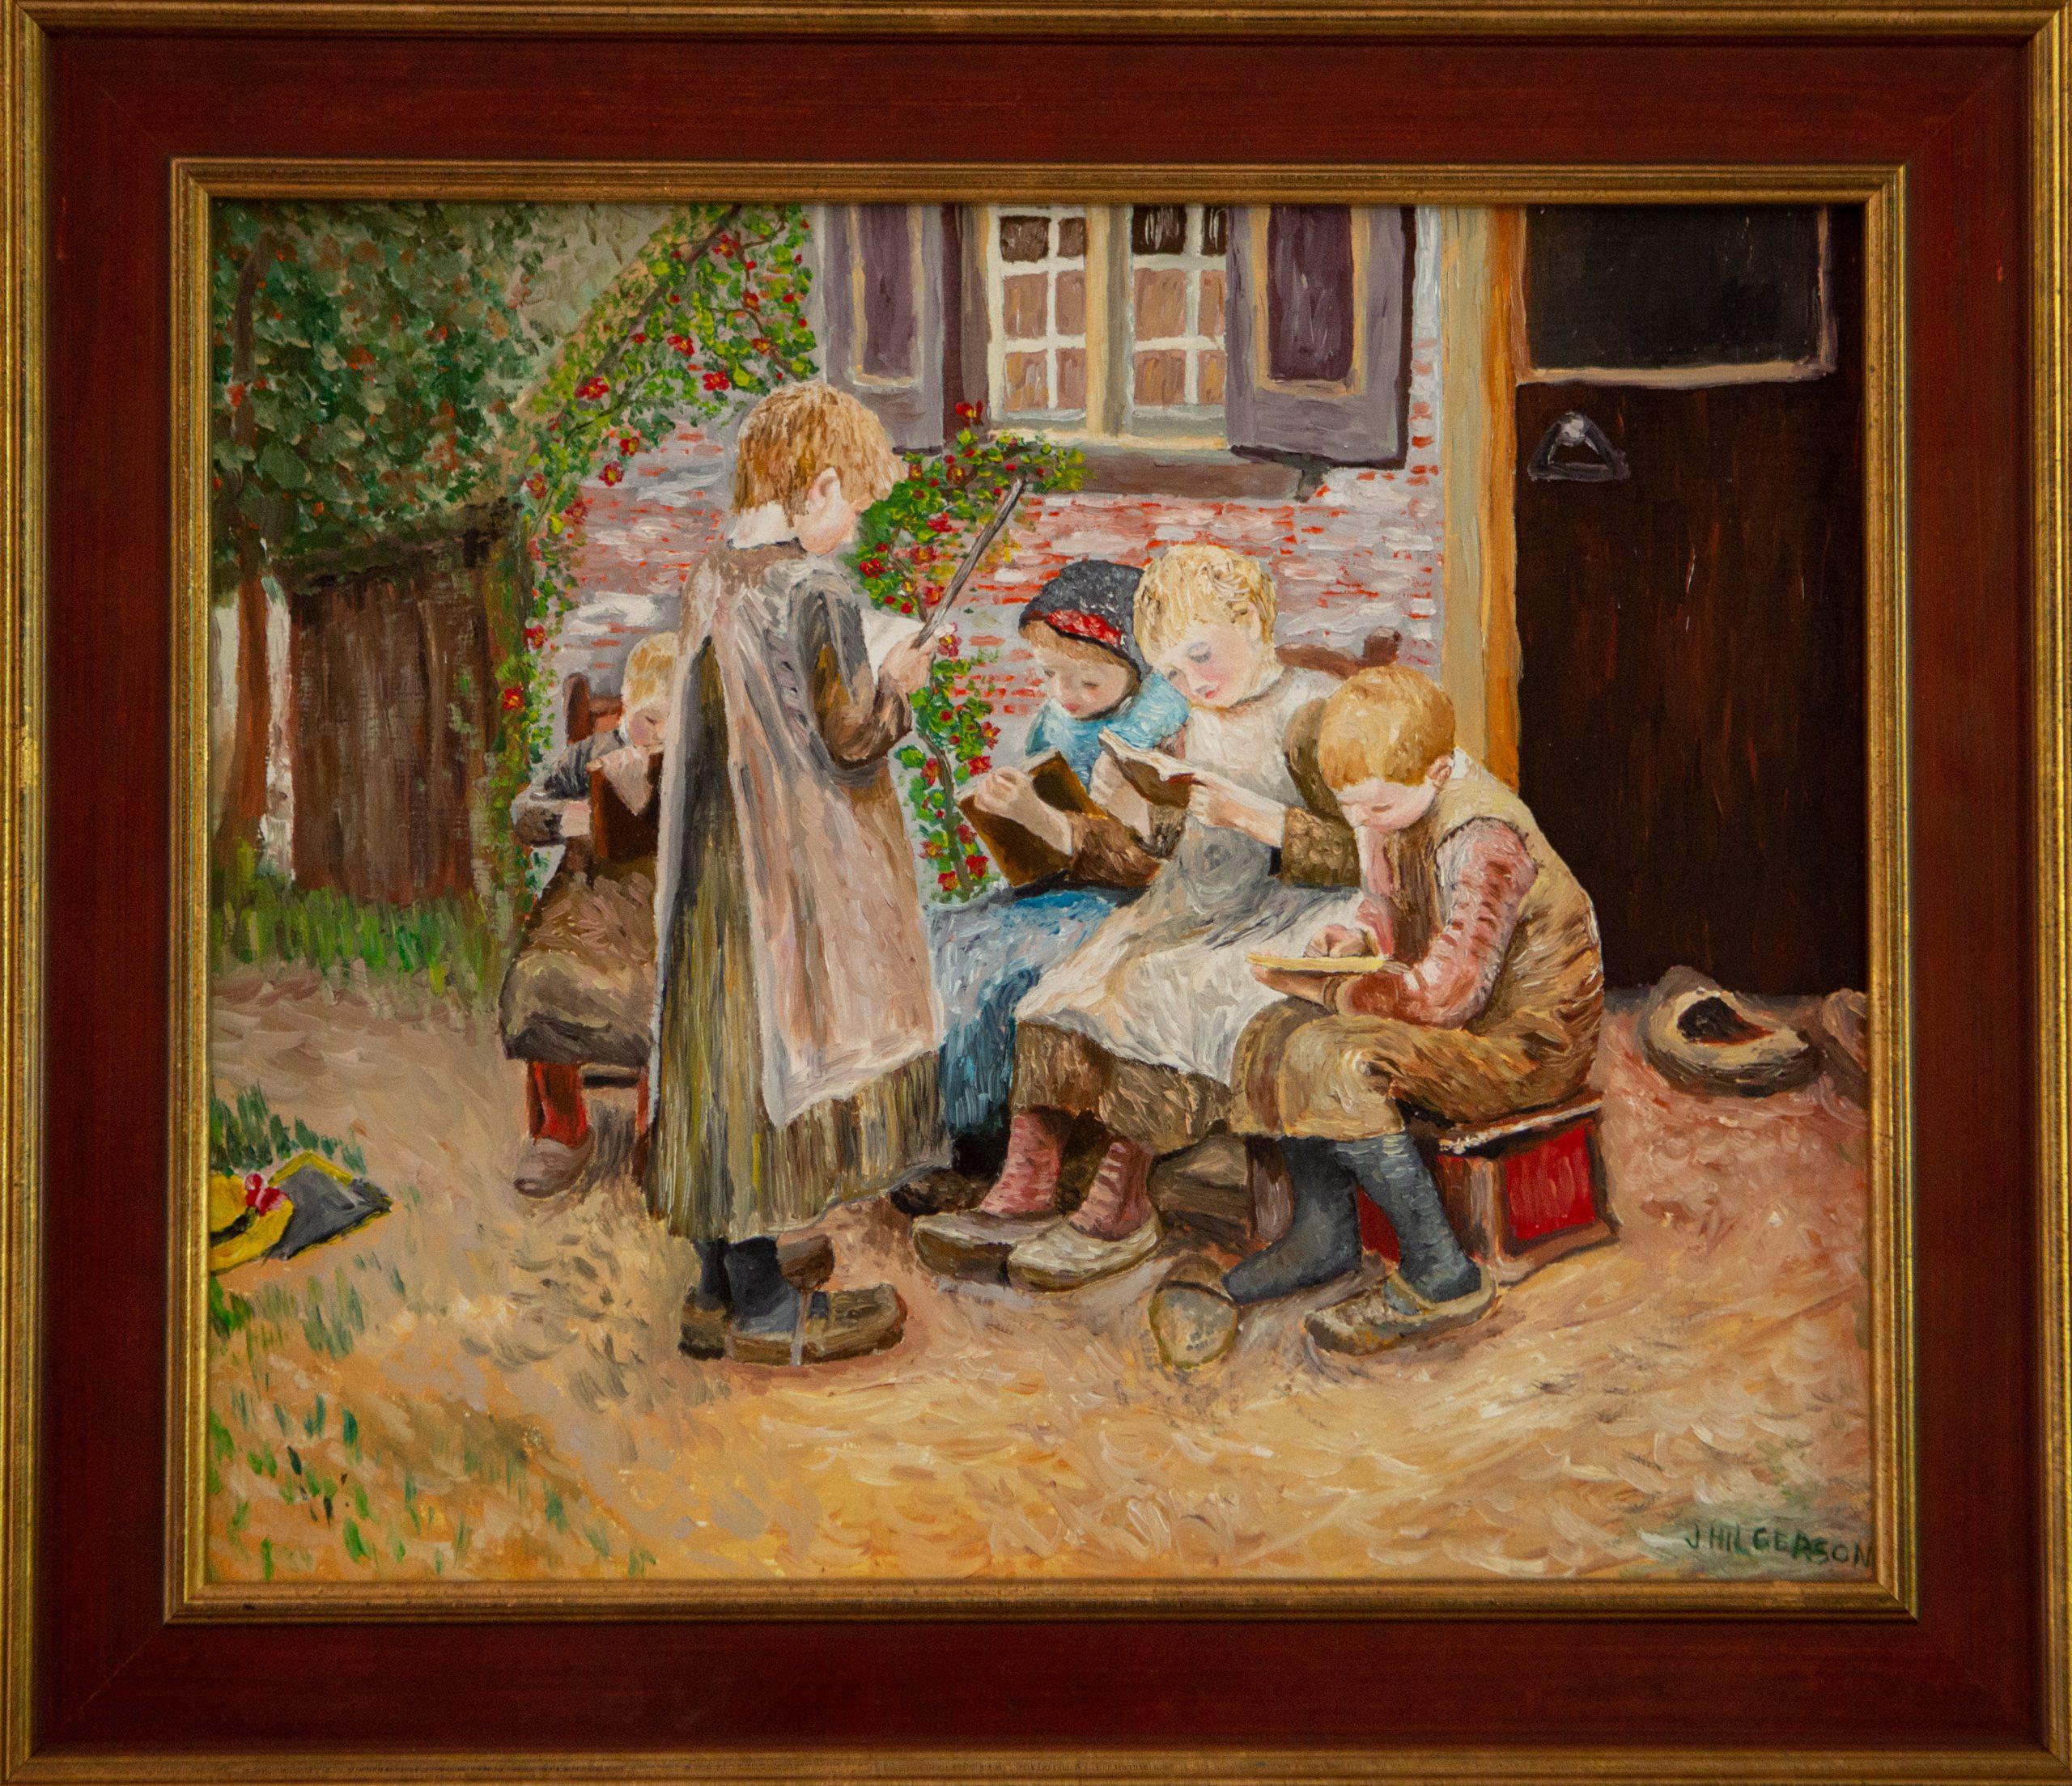 Schooltje spelen van Bernadus Johannes Blommers (2014)